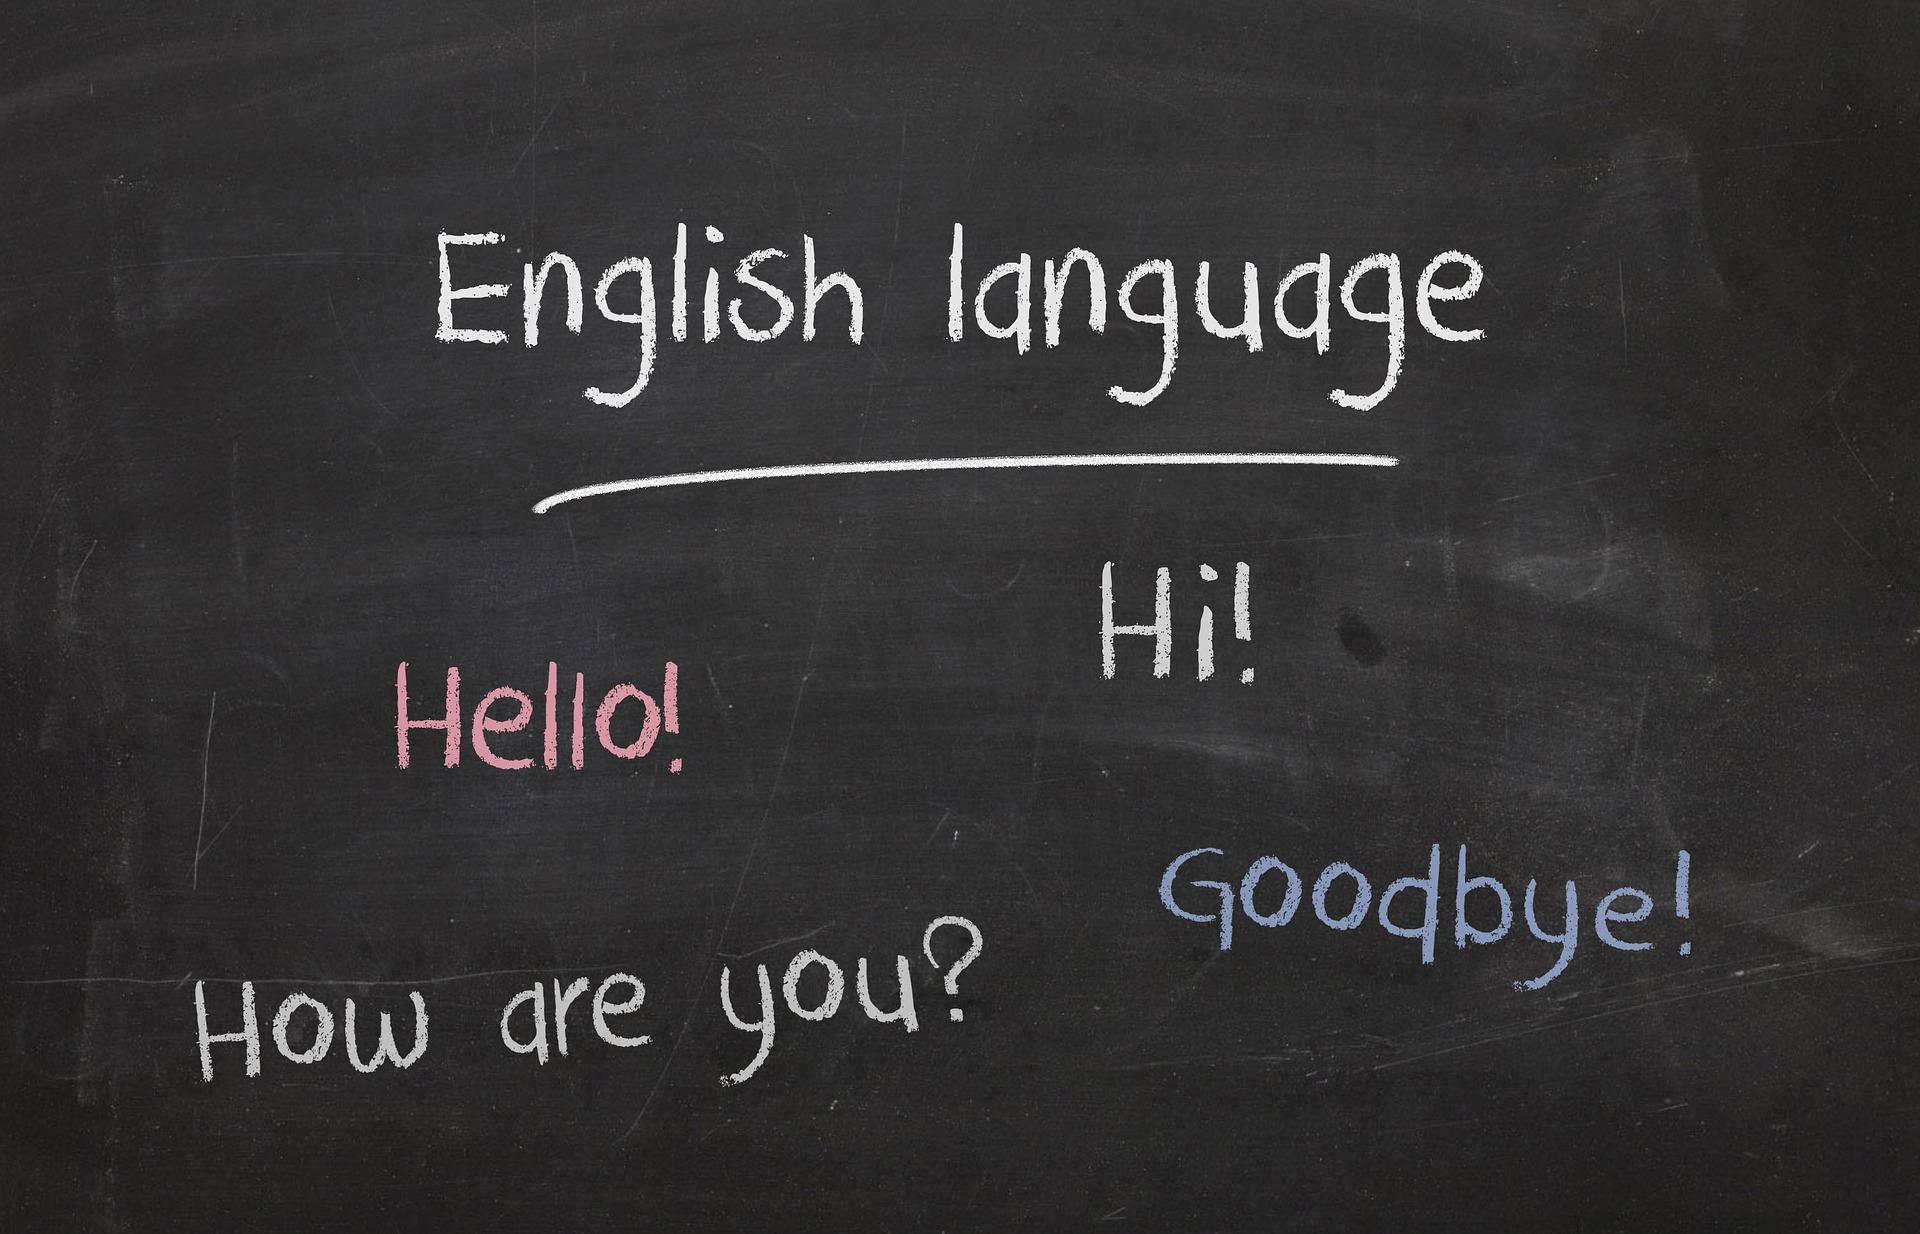 אנגלית כשפה בינלאומית: הדרכים ללמד ילדים אנגלית כבר מגיל קטן